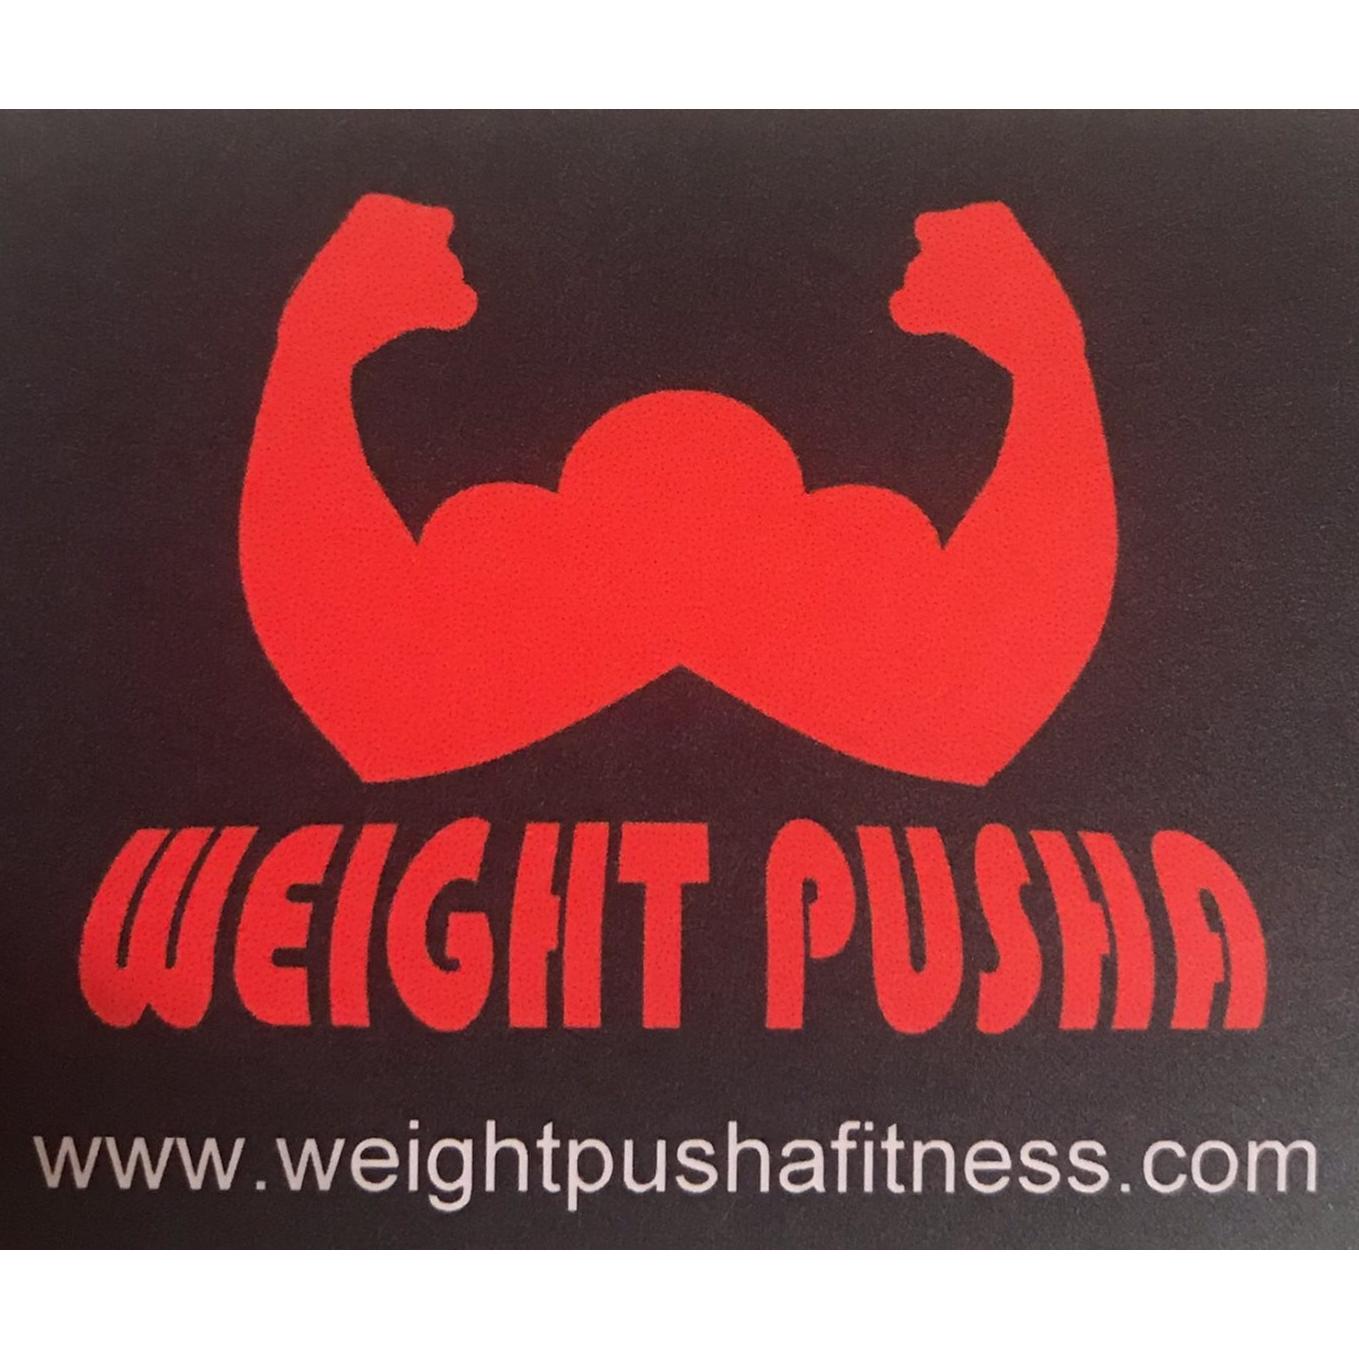 Weight Pusha Fitness image 12